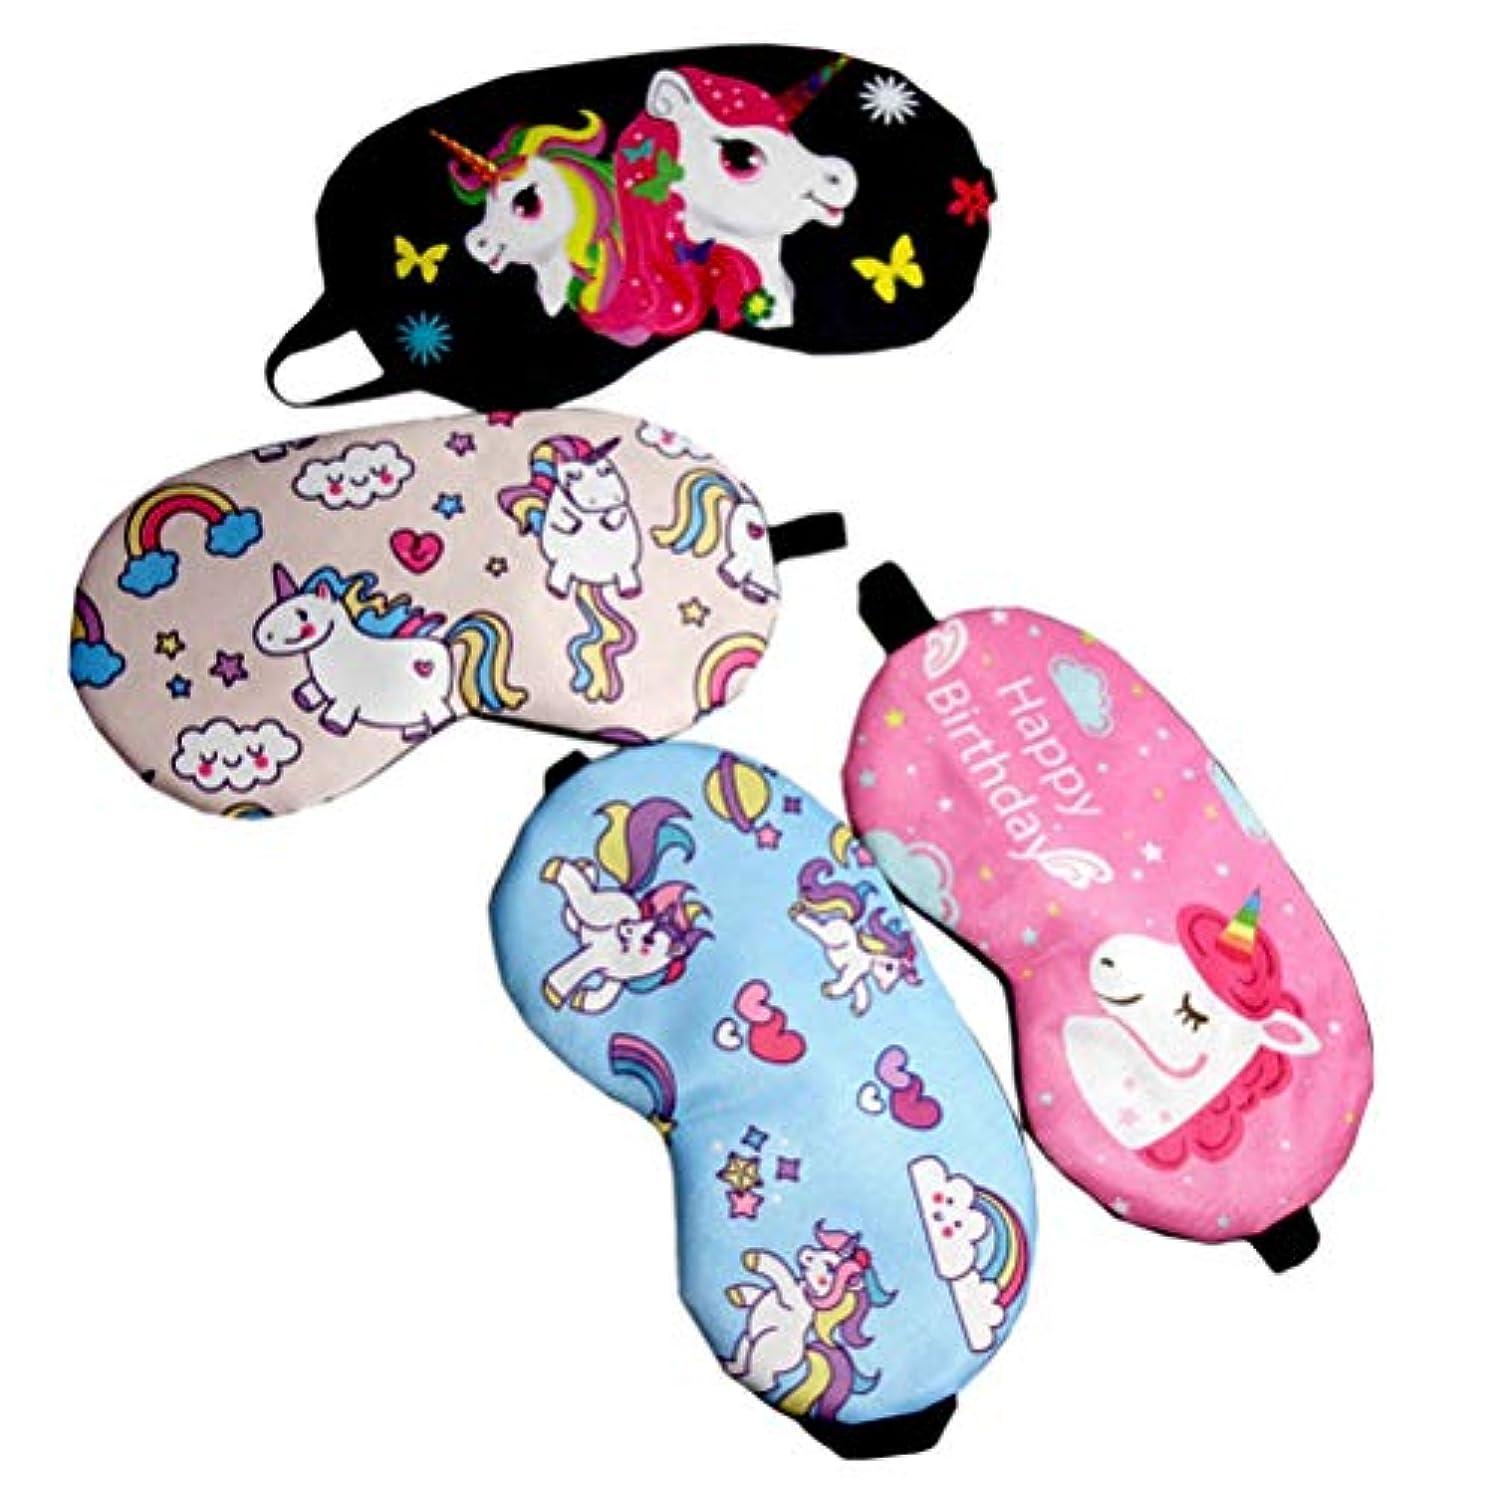 女優階層失われた子供のためのBeaupretty 4PCSユニコーン睡眠マスクカバー軽量目隠しソフトアイマスク(ブラック+ローズレッド+ライトピンク+ライトブルー)